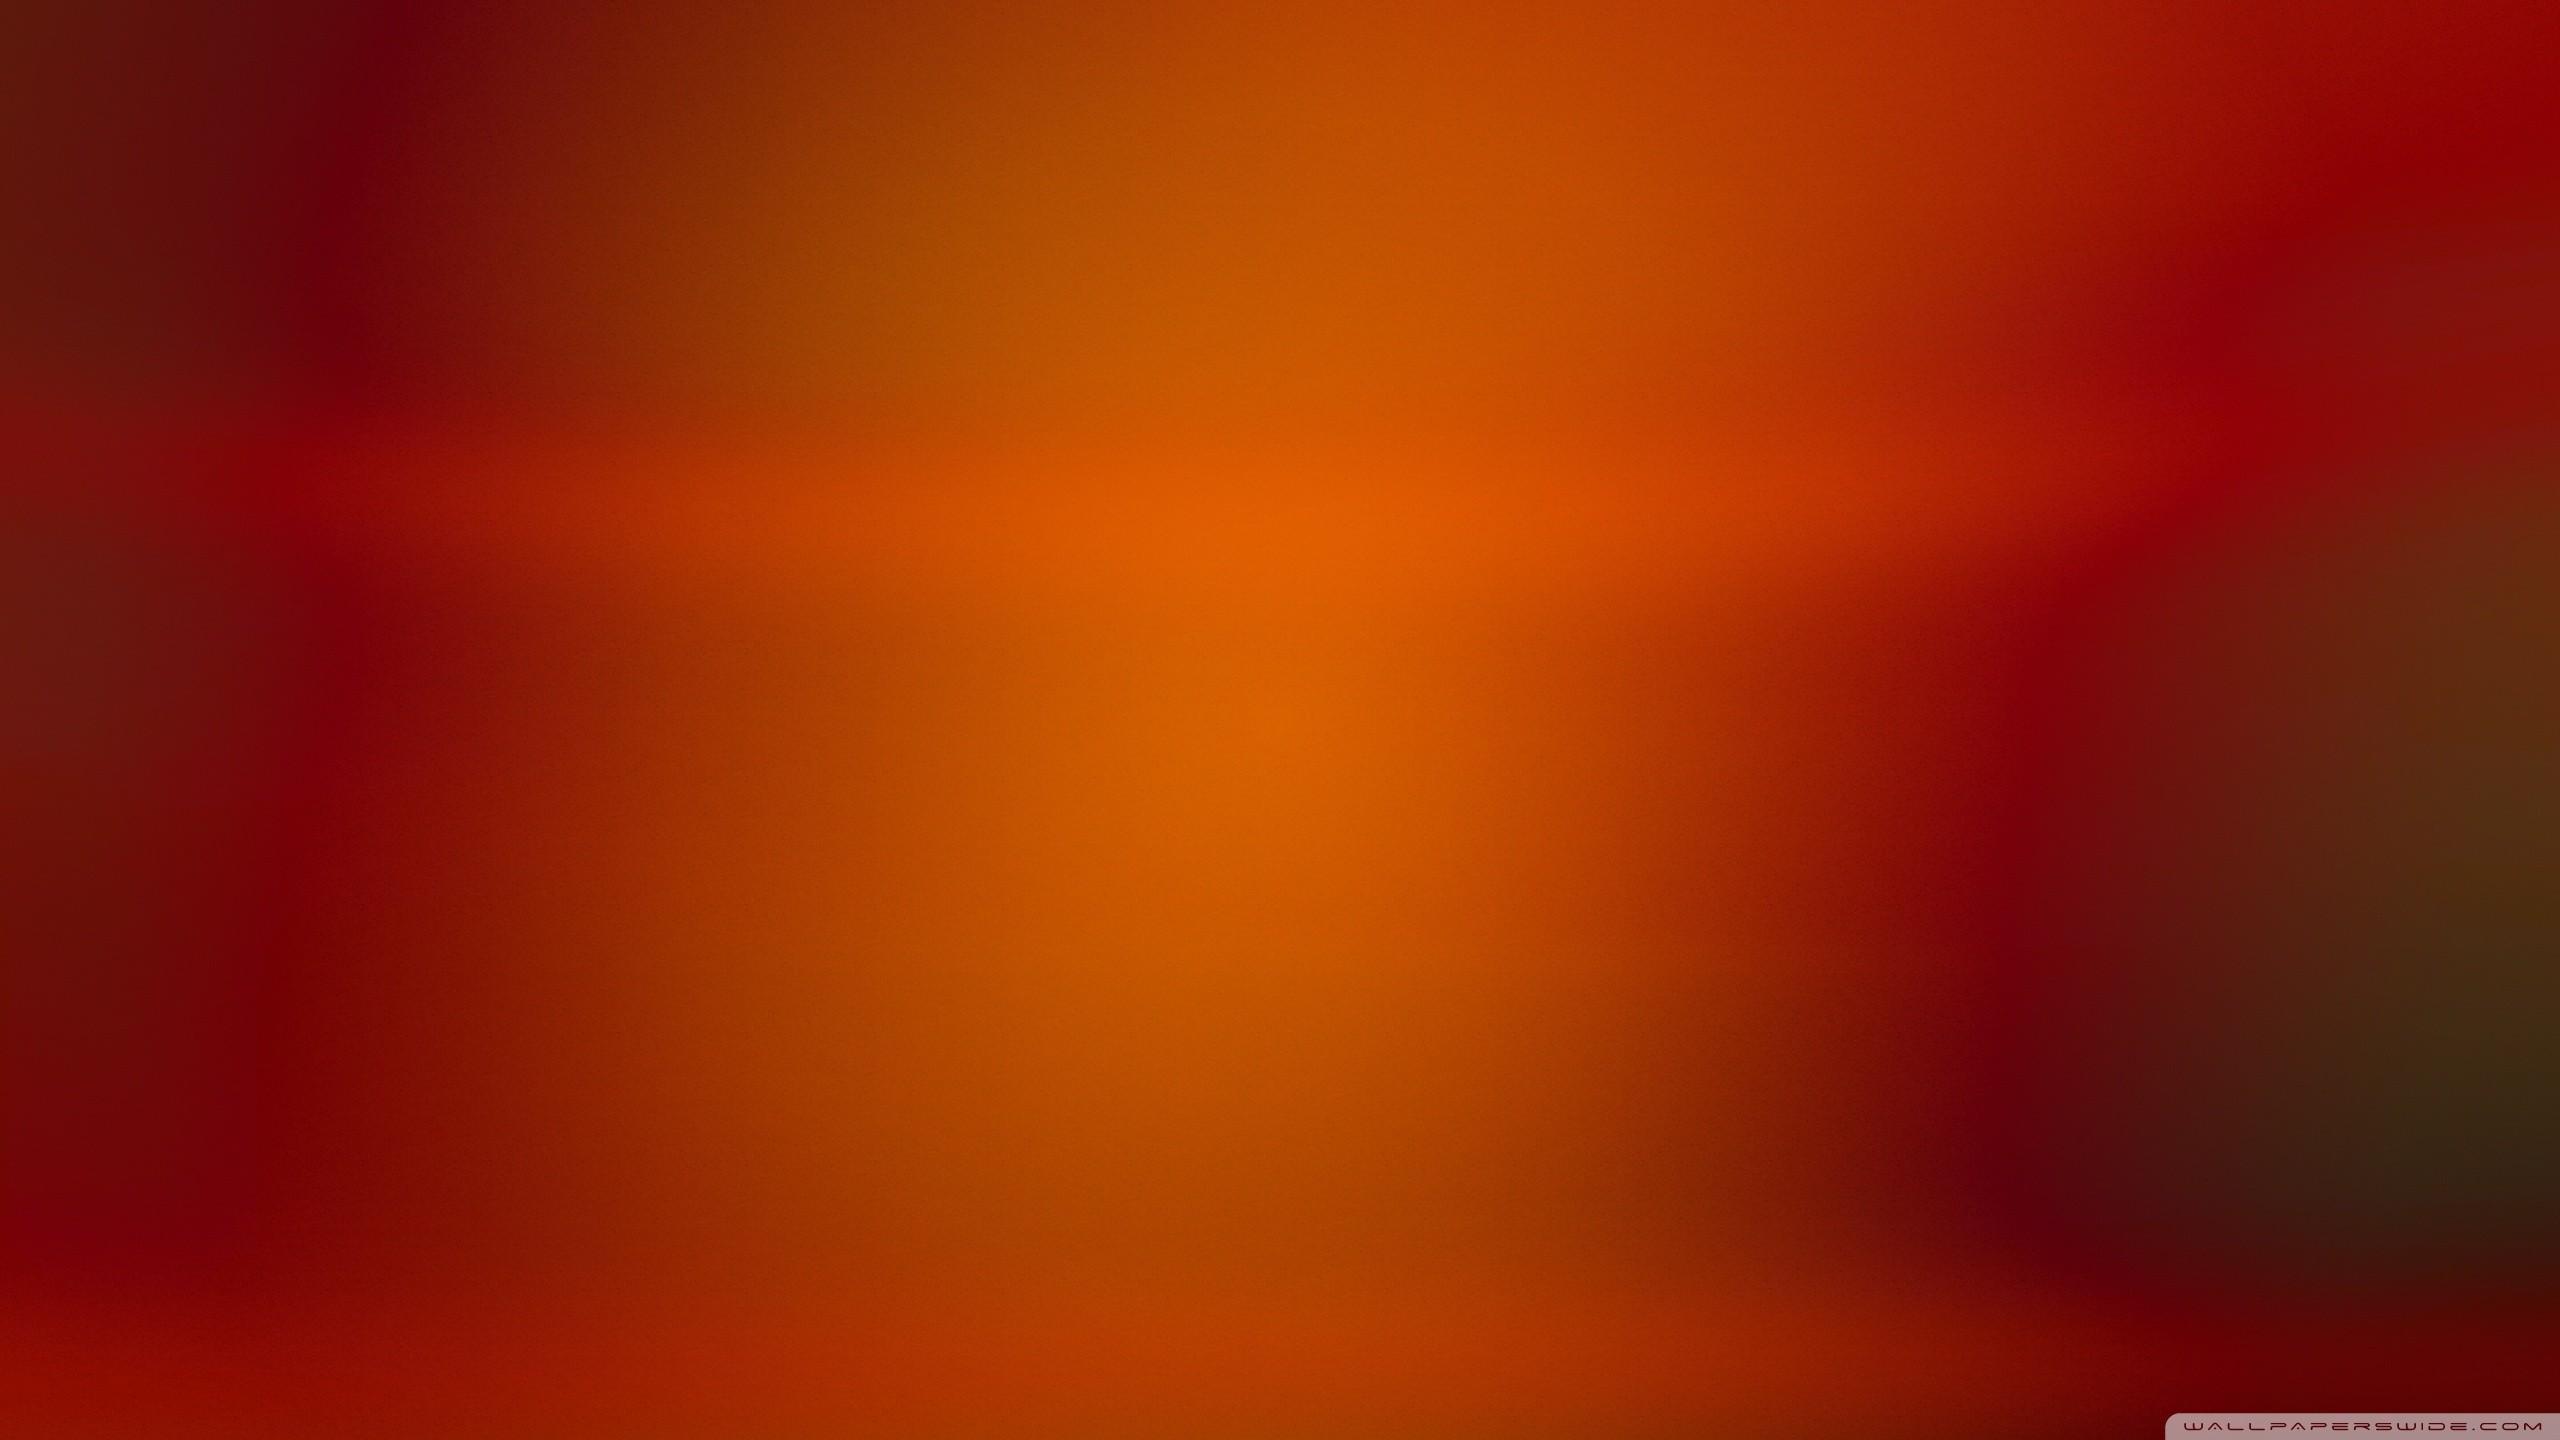 Burnt Orange Wallpaper (54+ images)